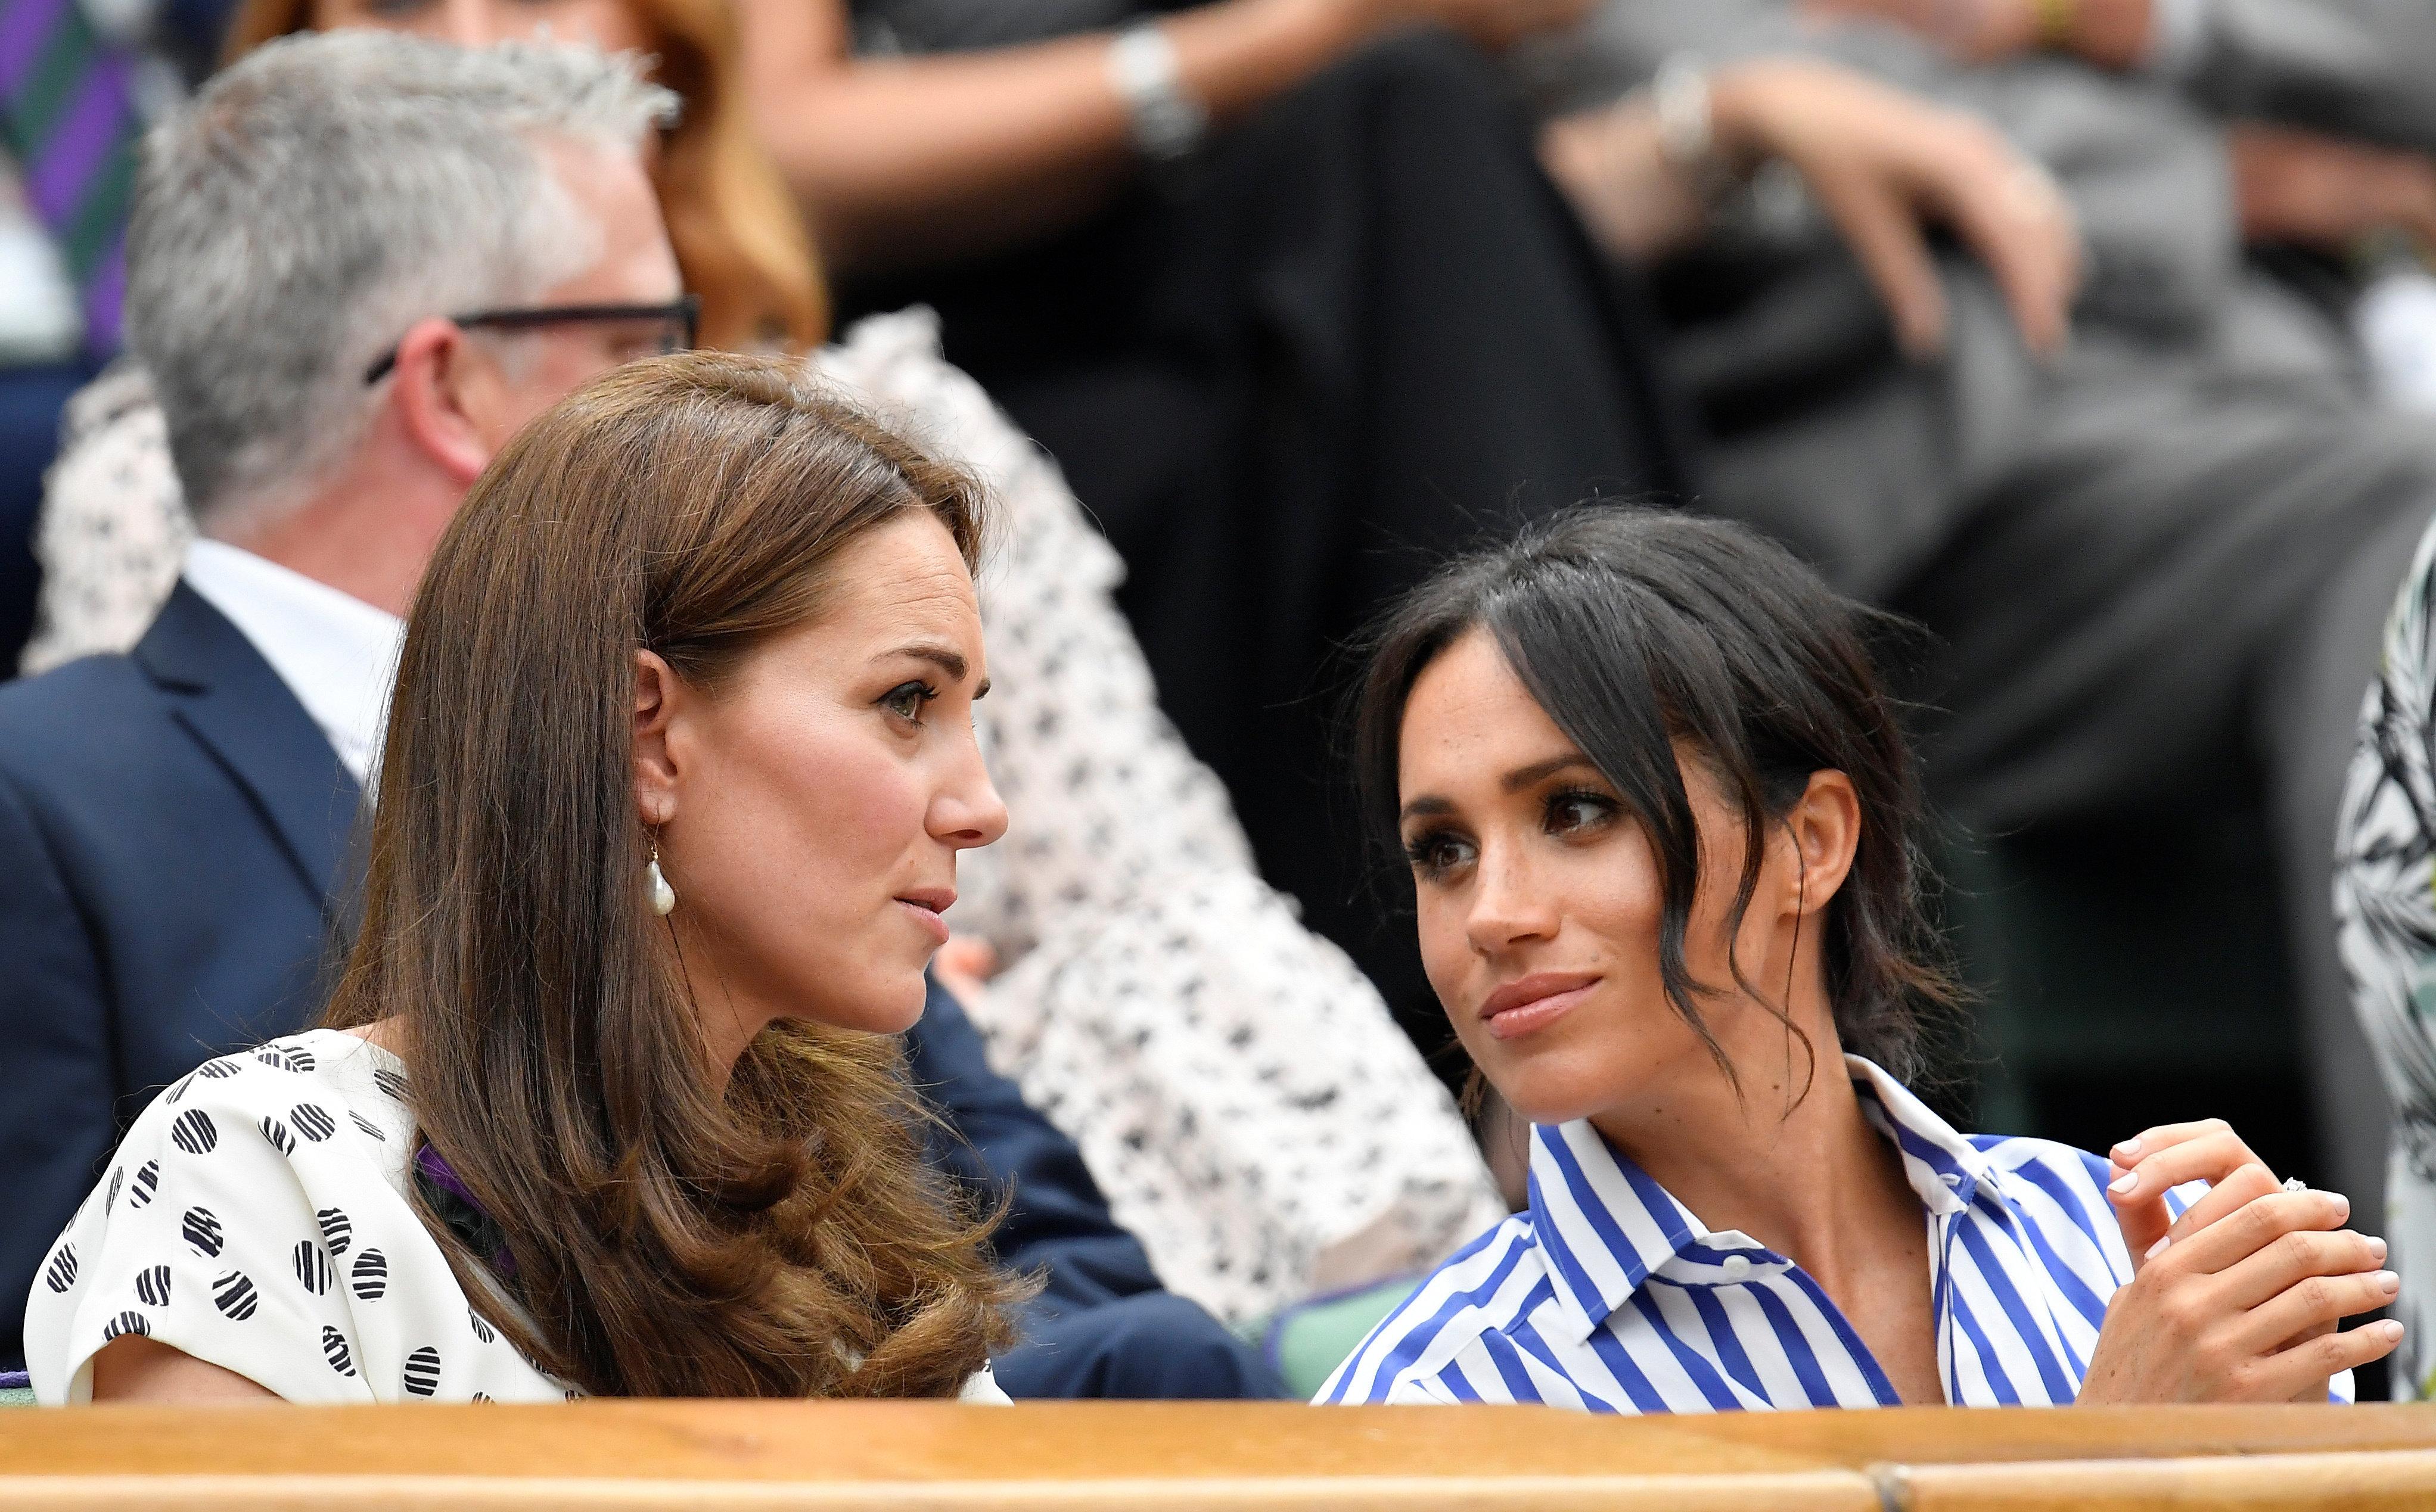 Körpersprache-Expertin verrät: So verstehen sich Meghan Markle und Herzogin Kate wirklich